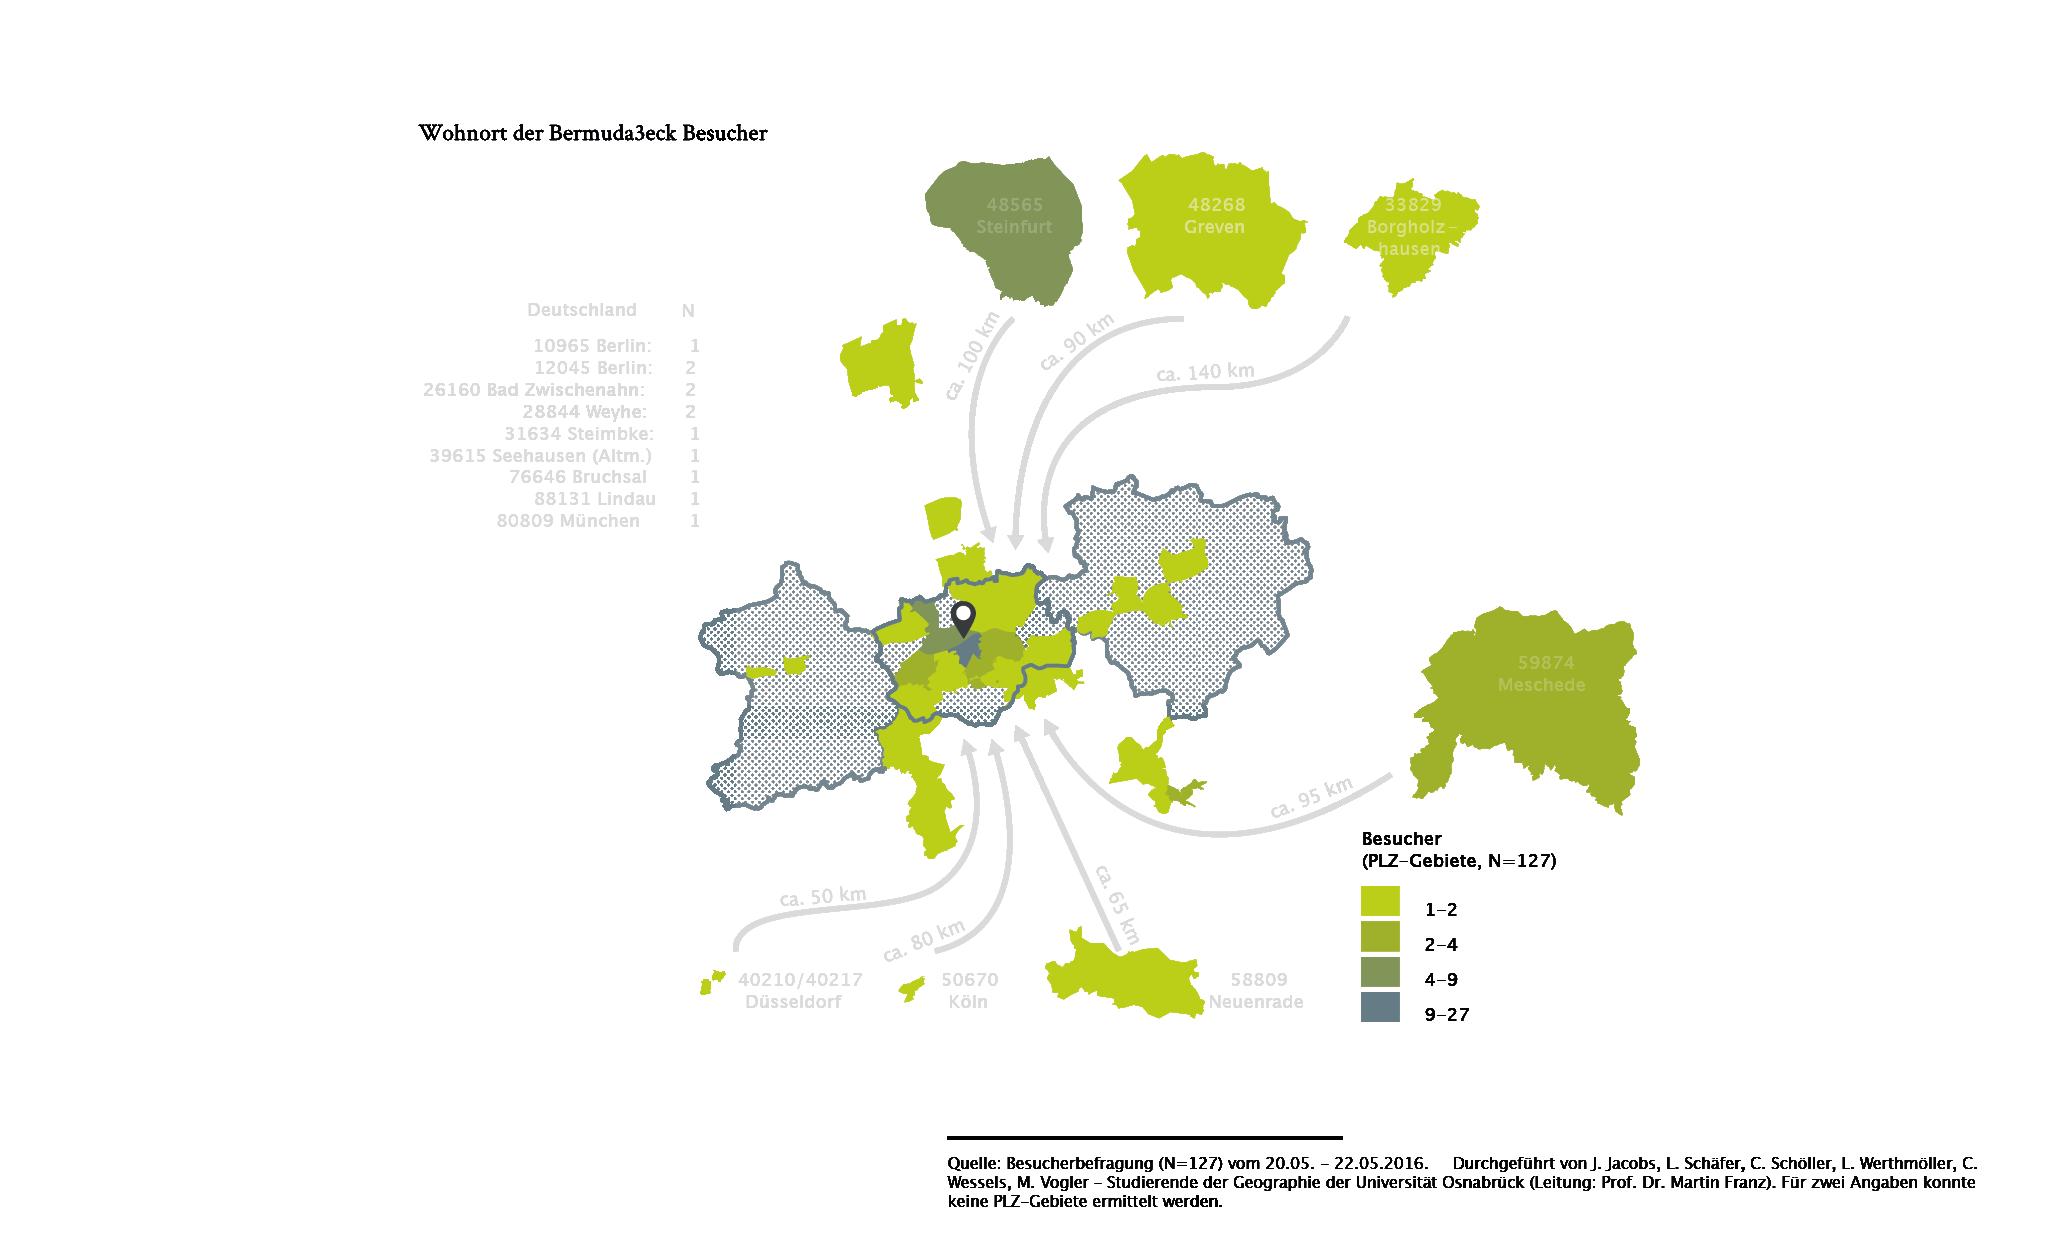 Bochum Standortfaktor Bermuda3eck Besucher Analyse Karte